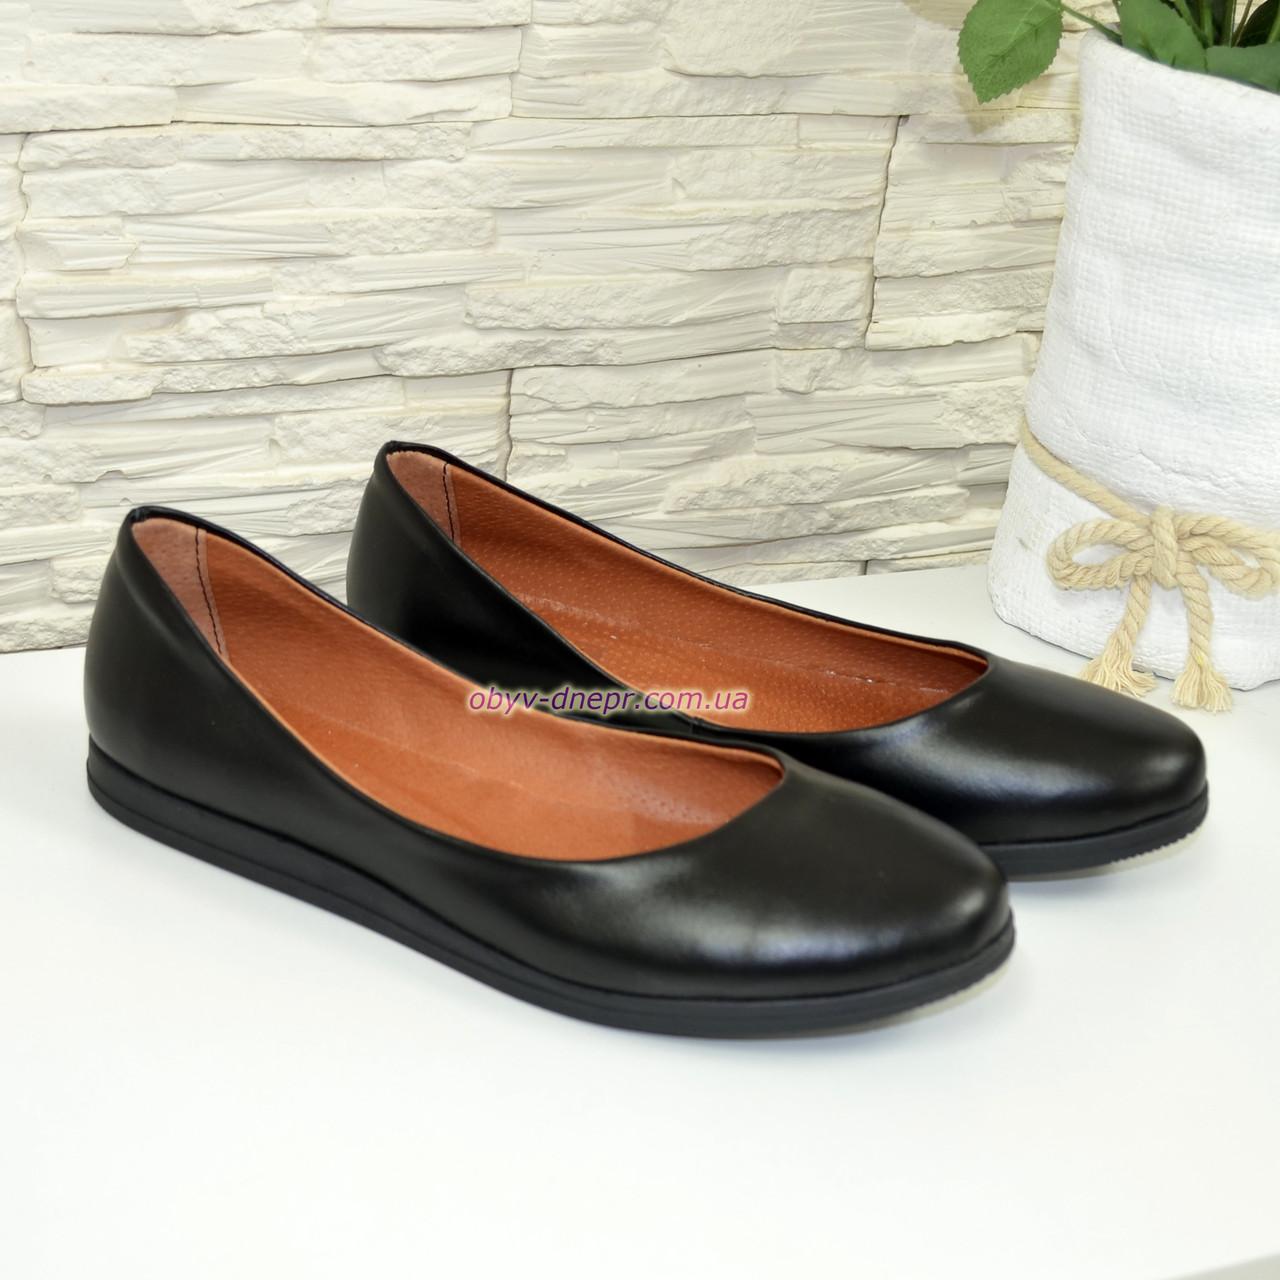 Туфли  женские черные, из натуральной кожи, на утолщенной подошве